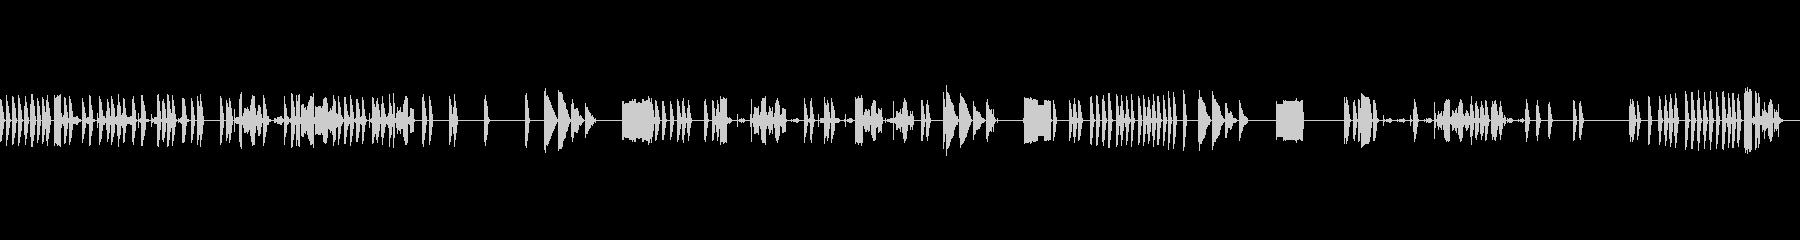 ビデオゲーム:電子音、アミューズメ...の未再生の波形